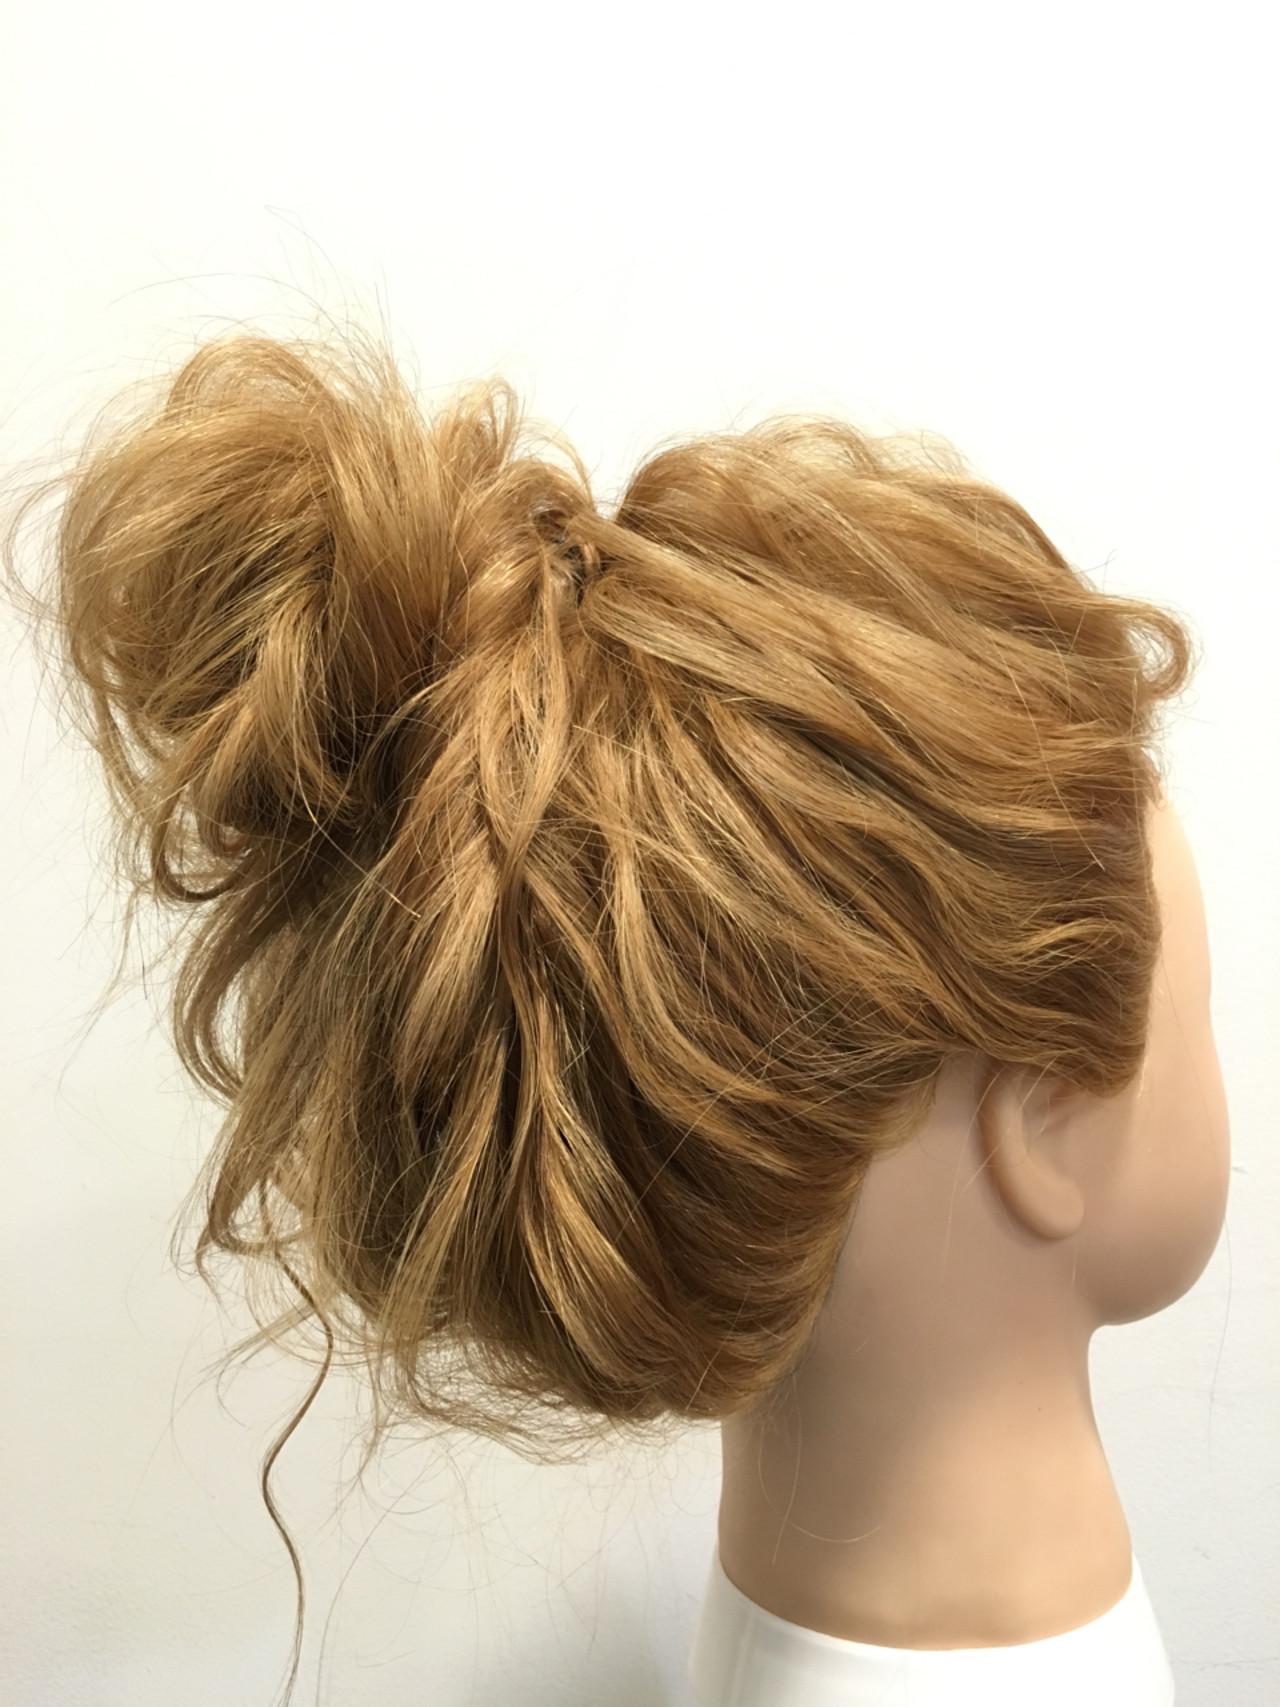 セミロングは、まとめ髪でバージョンアップ!マンネリにならないまとめ髪特集 Nayuta Kasori